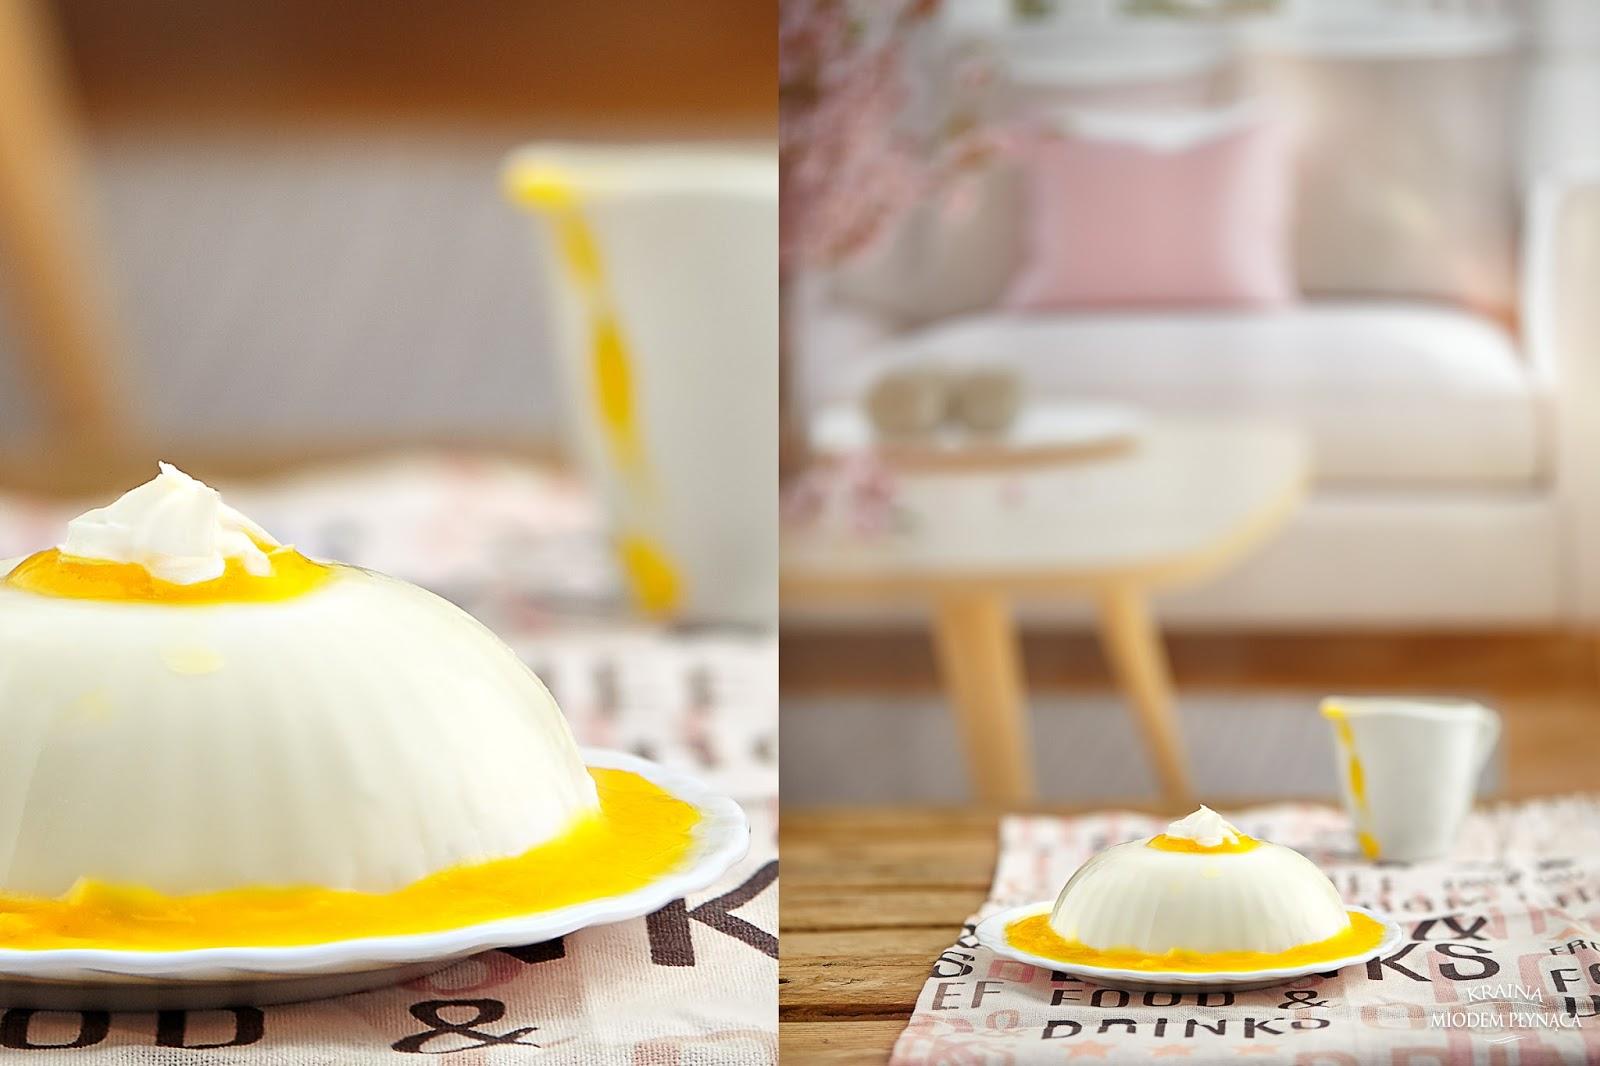 deser panna cotta, kokosoa panna cotta, deser z mleczka kokosowego, deser z mlekiem kokosowym, włoski deser z mleka, mus z mango, kraina miodem płynąca